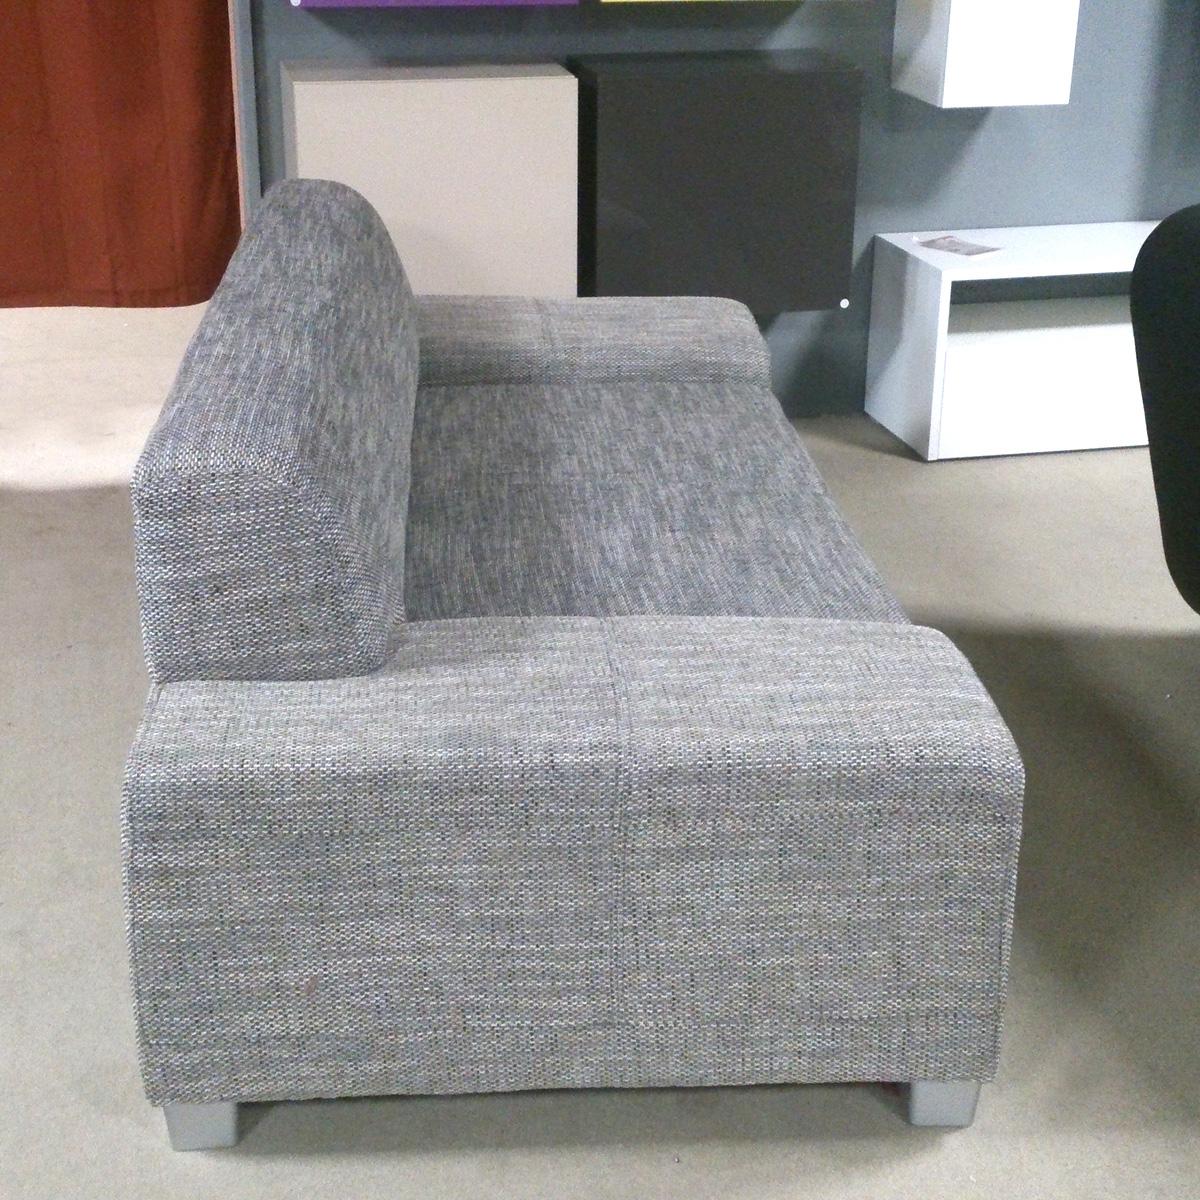 wohnzimmer sofa ebay:Sofa-Peter-3-sitzer-Wohnzimmer-Couch-in-Webstoff-Salz-Pfeffer-Fuesse